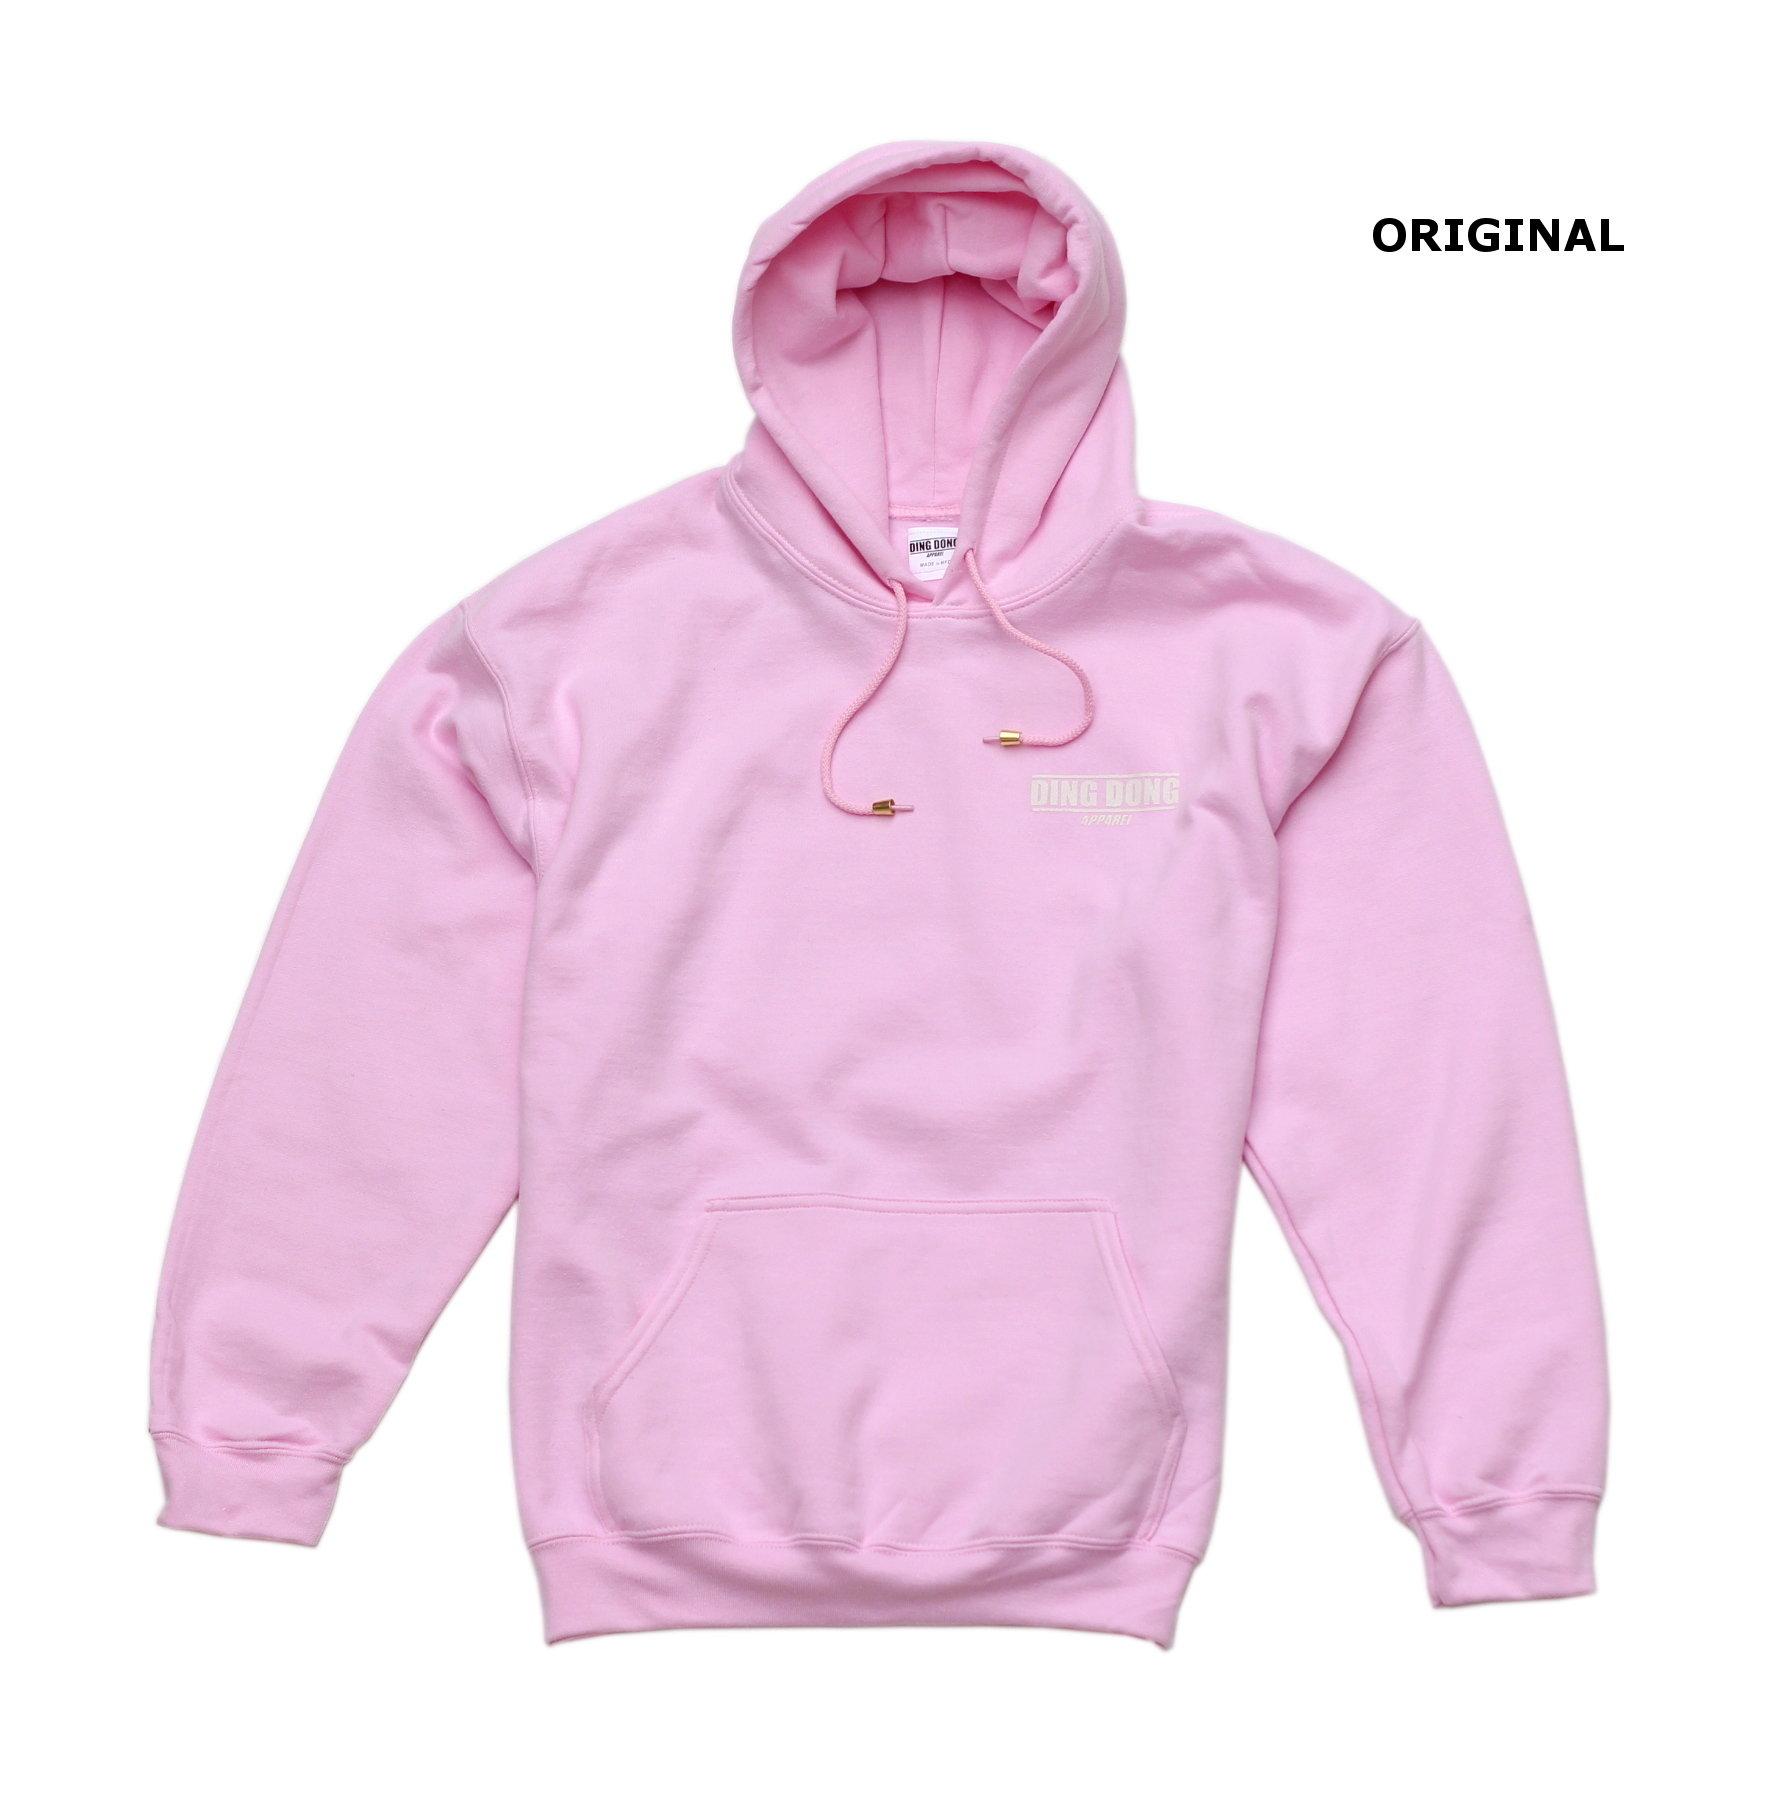 Small Print Hoodie - Pink